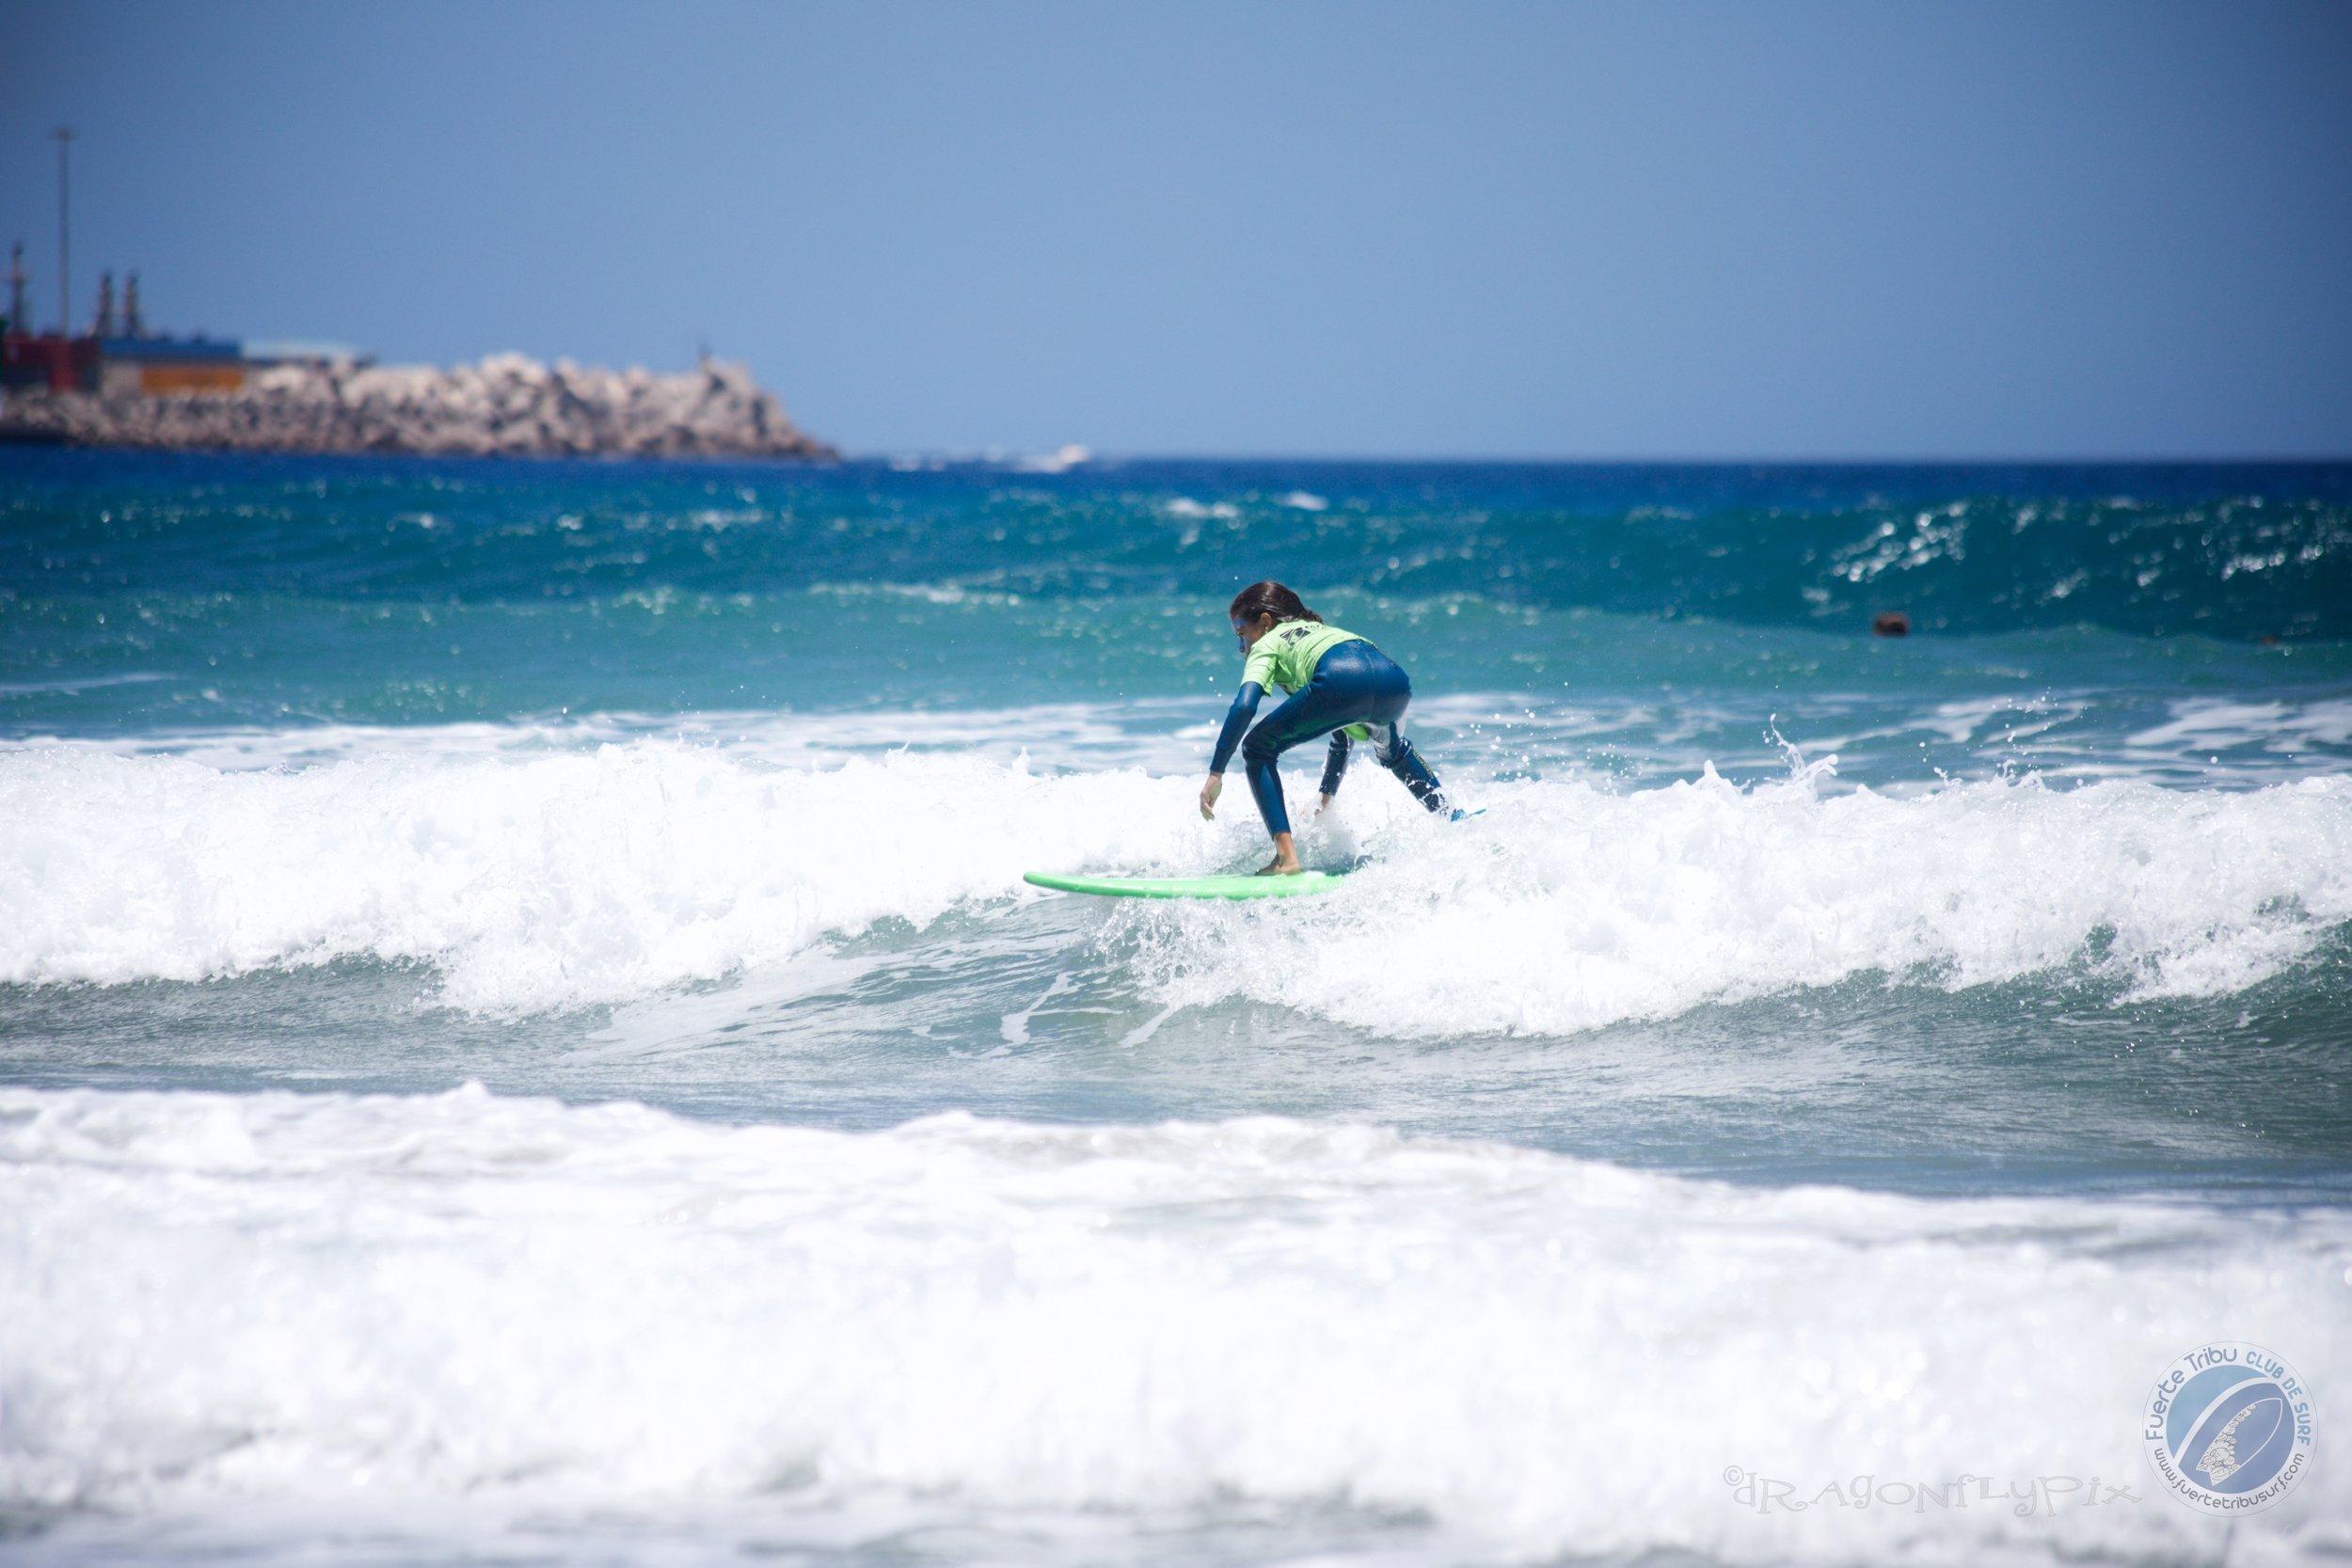 FUERTETRIBU_INTRACLUB_SURF_CAMPEONATO_KIDSIMG_0942.jpg